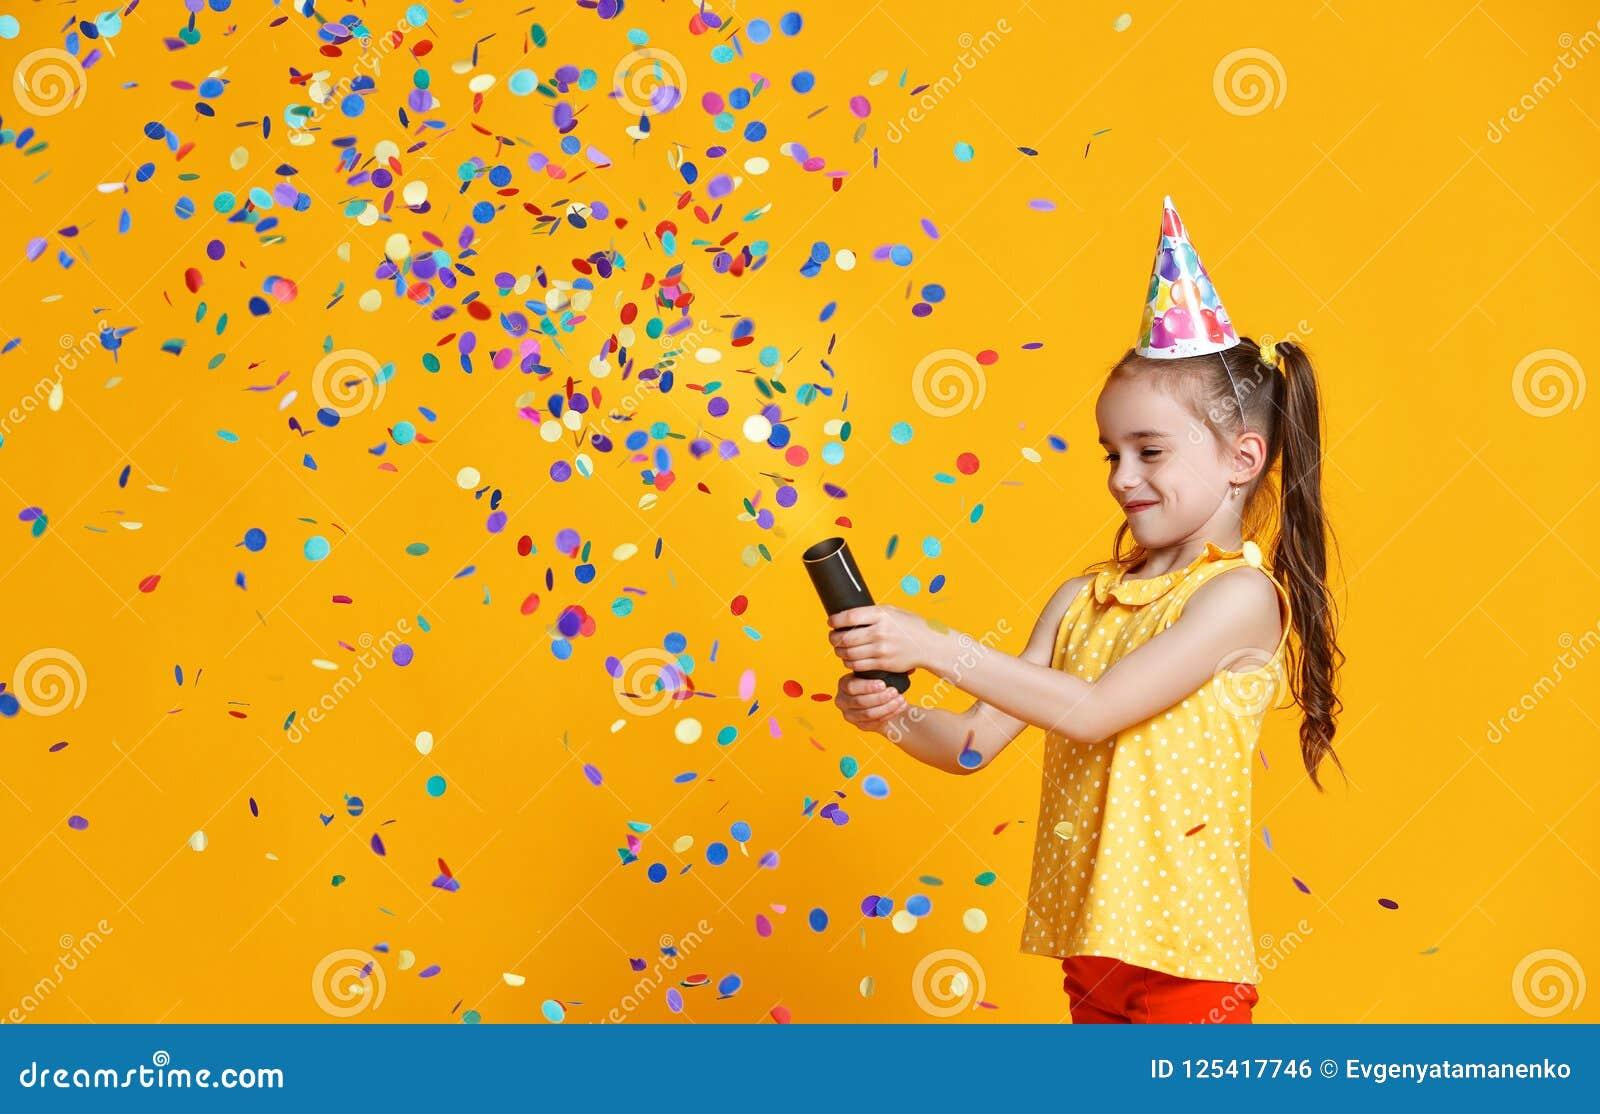 Fille d enfant de joyeux anniversaire avec des confettis sur le fond jaune